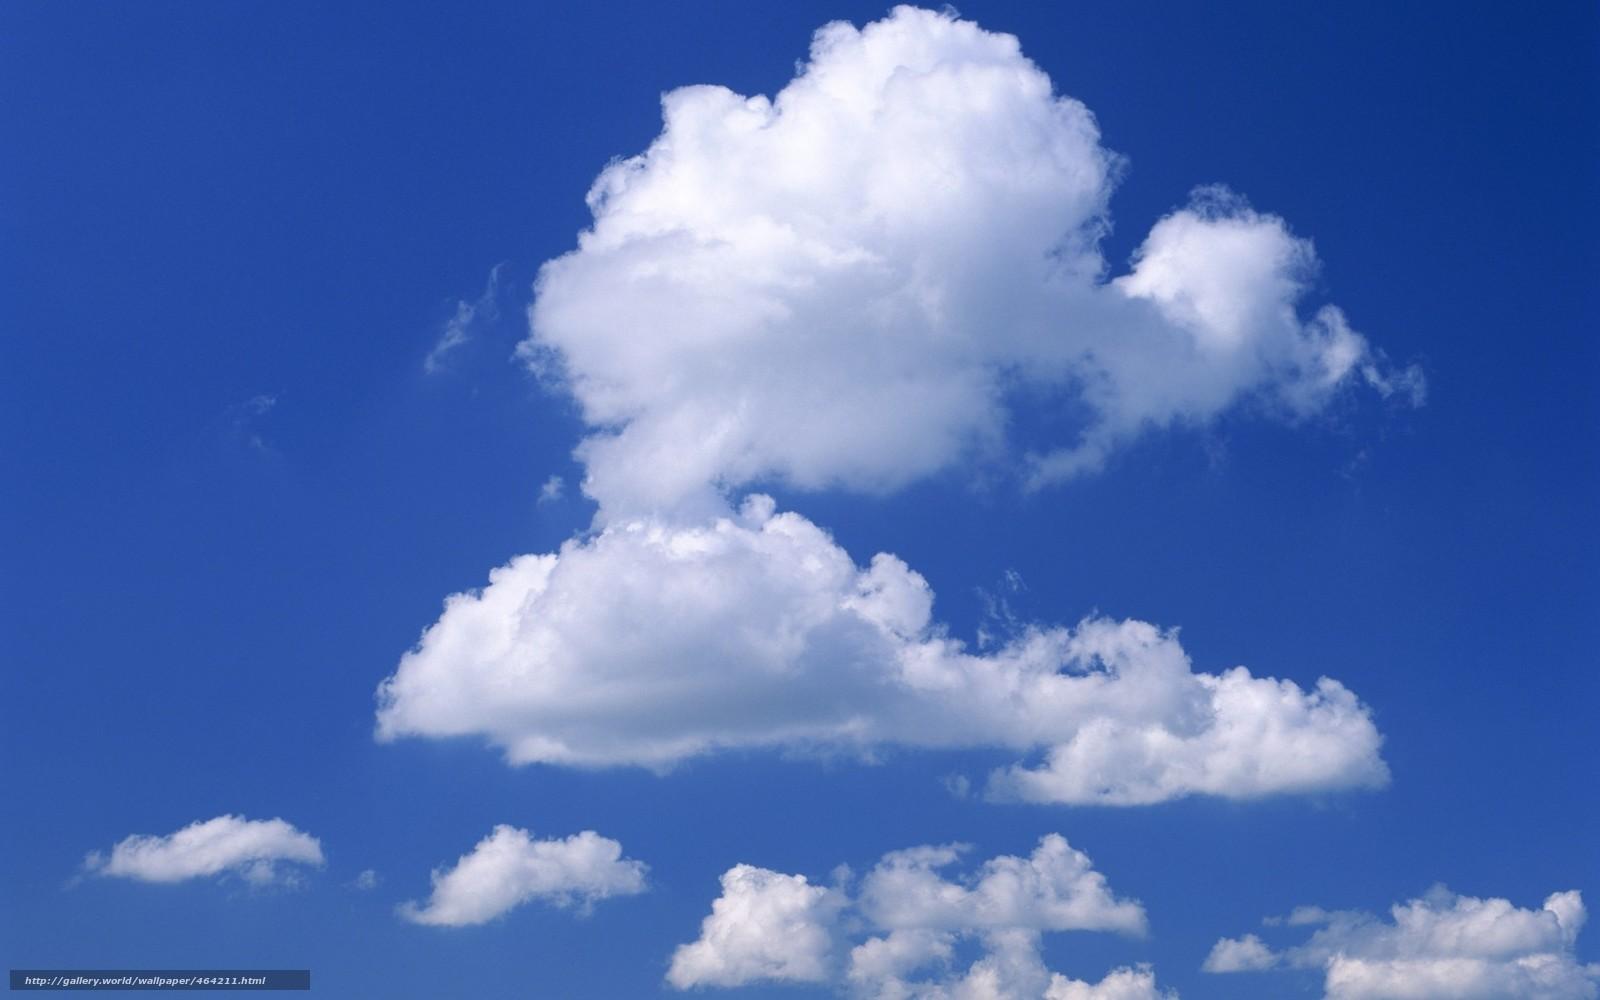 tlcharger fond d 39 ecran ciel nuages blanc fonds d 39 ecran gratuits pour votre rsolution du bureau. Black Bedroom Furniture Sets. Home Design Ideas